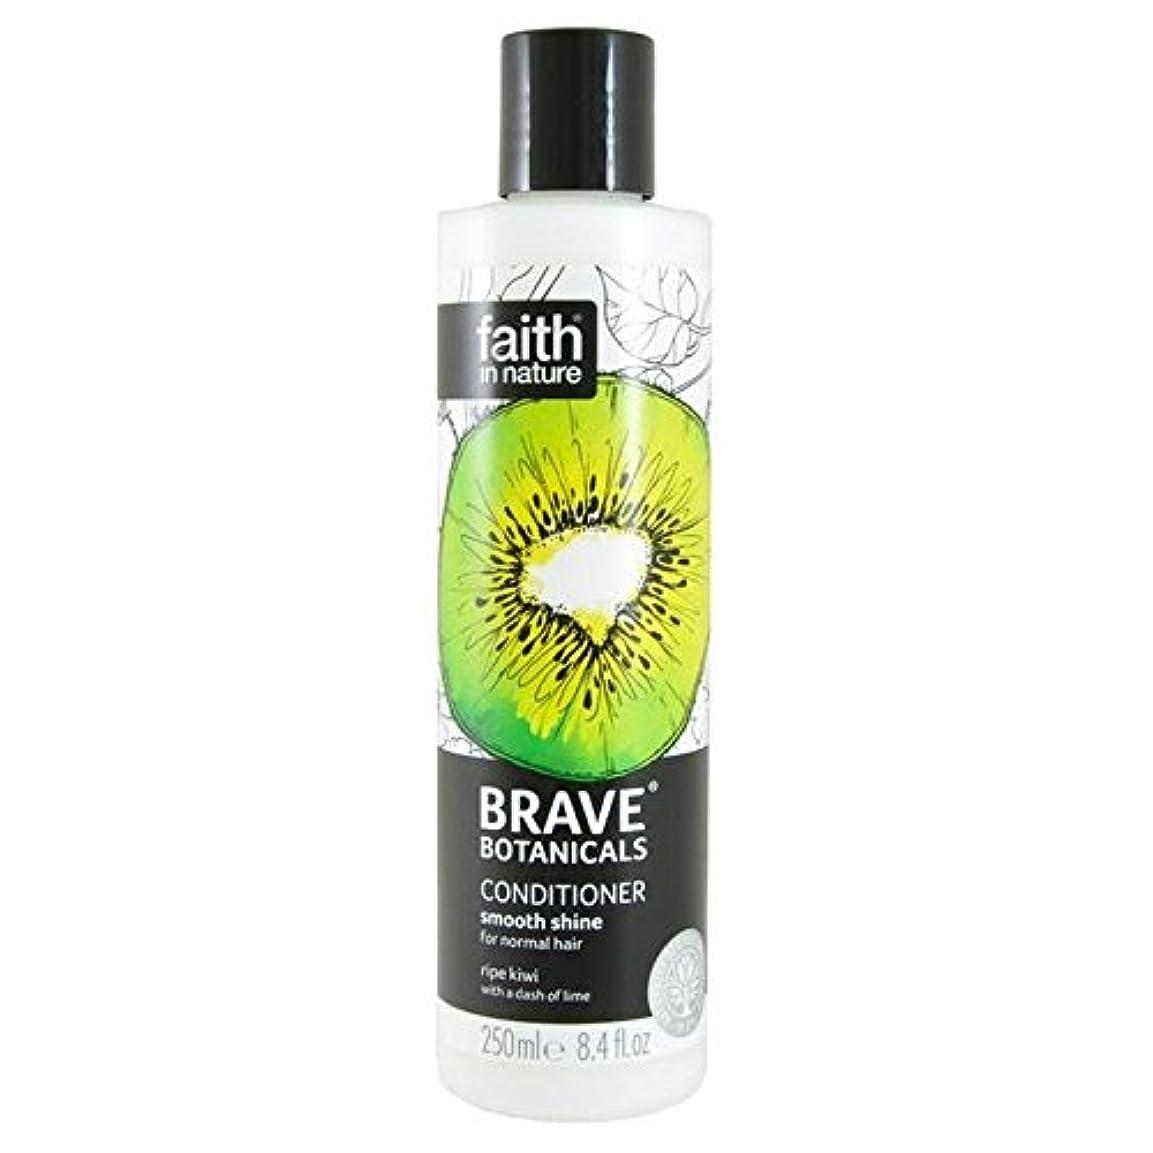 オッズ小川被るBrave Botanicals Kiwi & Lime Smooth Shine Conditioner 250ml - (Faith In Nature) 勇敢な植物キウイ&ライムなめらかな輝きコンディショナー250Ml [並行輸入品]